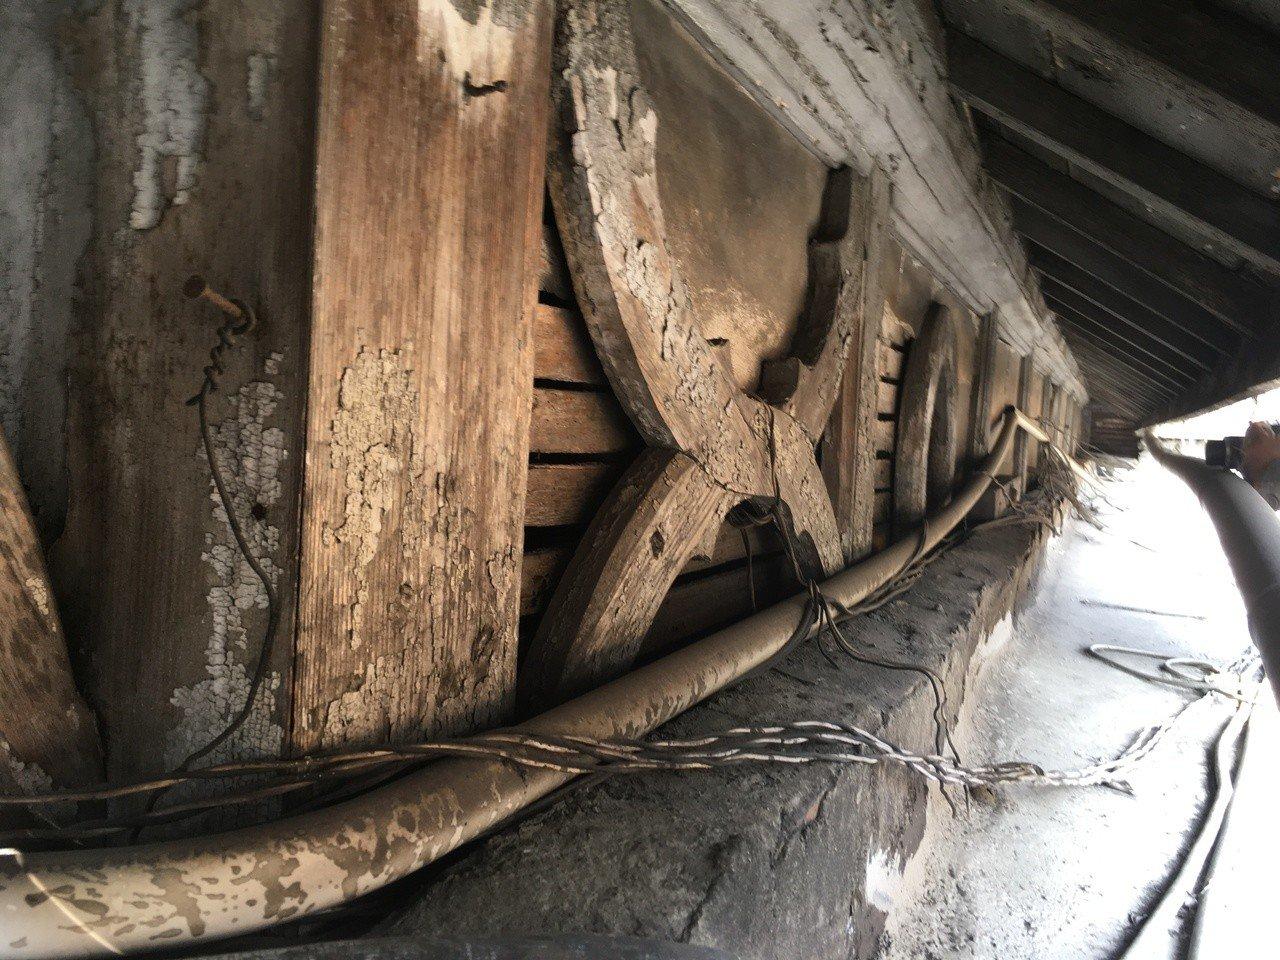 「台中停車場事務室」,罕見的擬洋風木造建築樣式。圖/台中文史復興組合提供